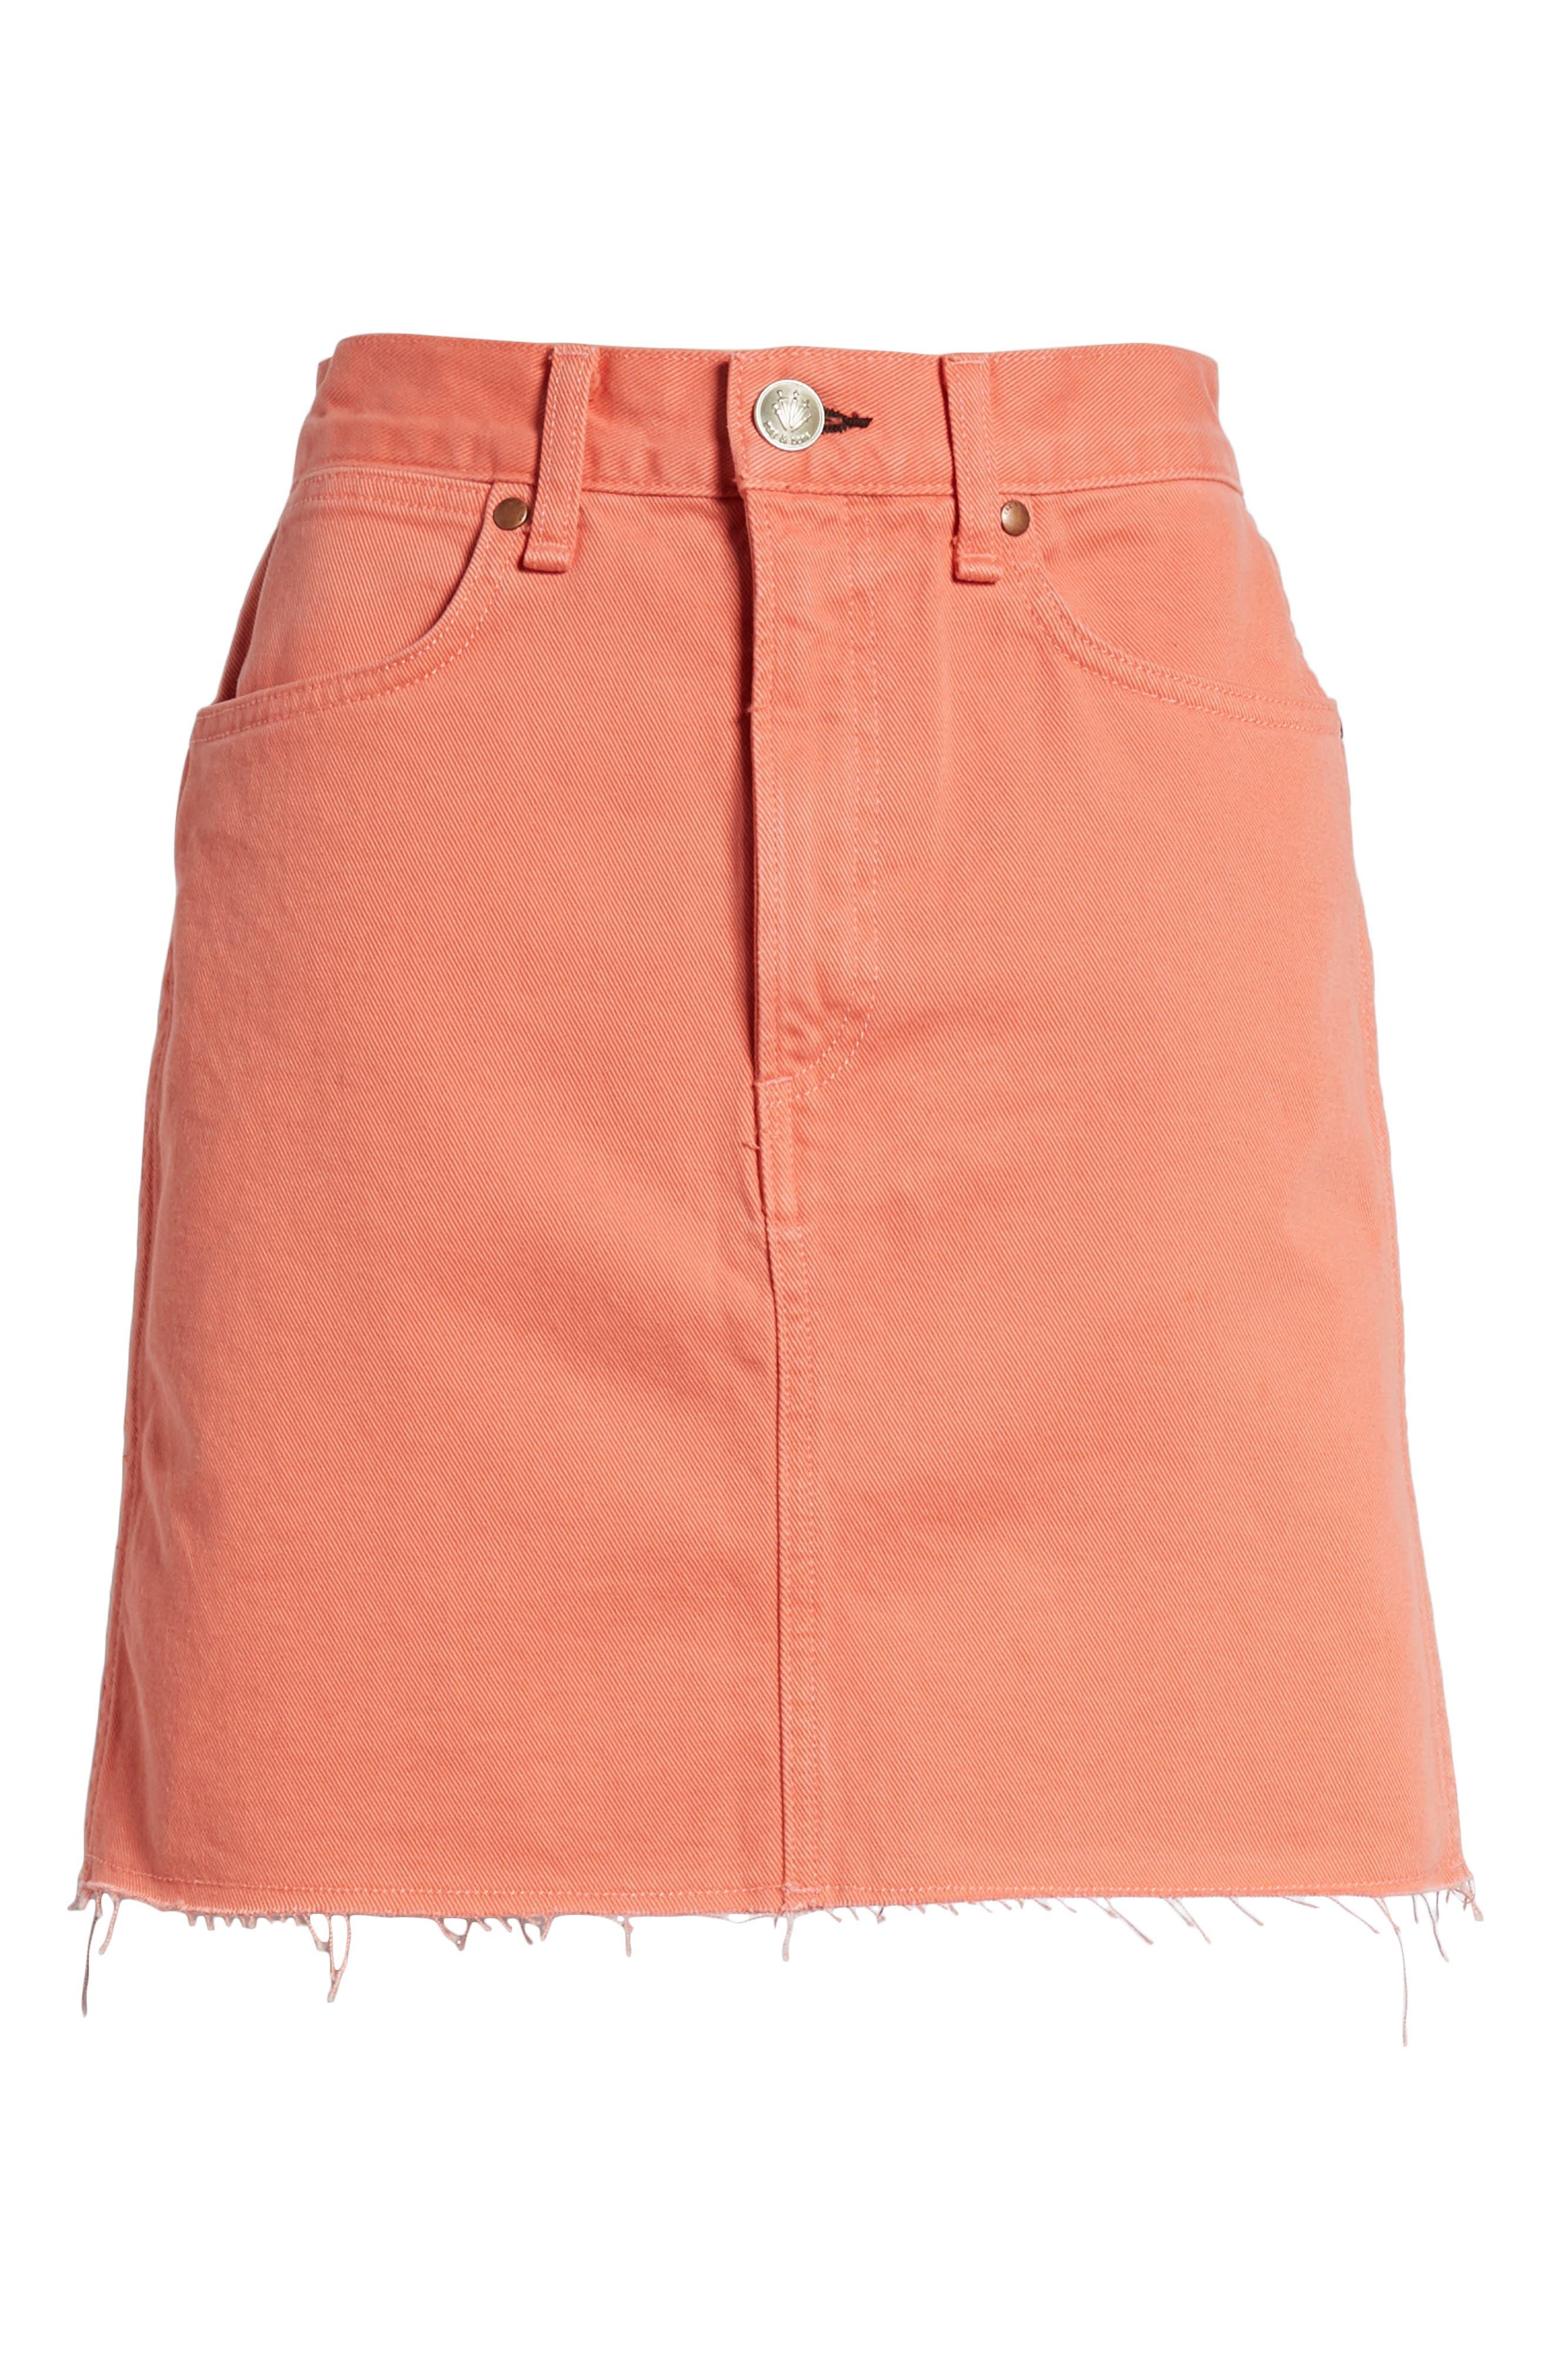 Moss High Waist Denim Miniskirt,                             Alternate thumbnail 7, color,                             Coral Haze